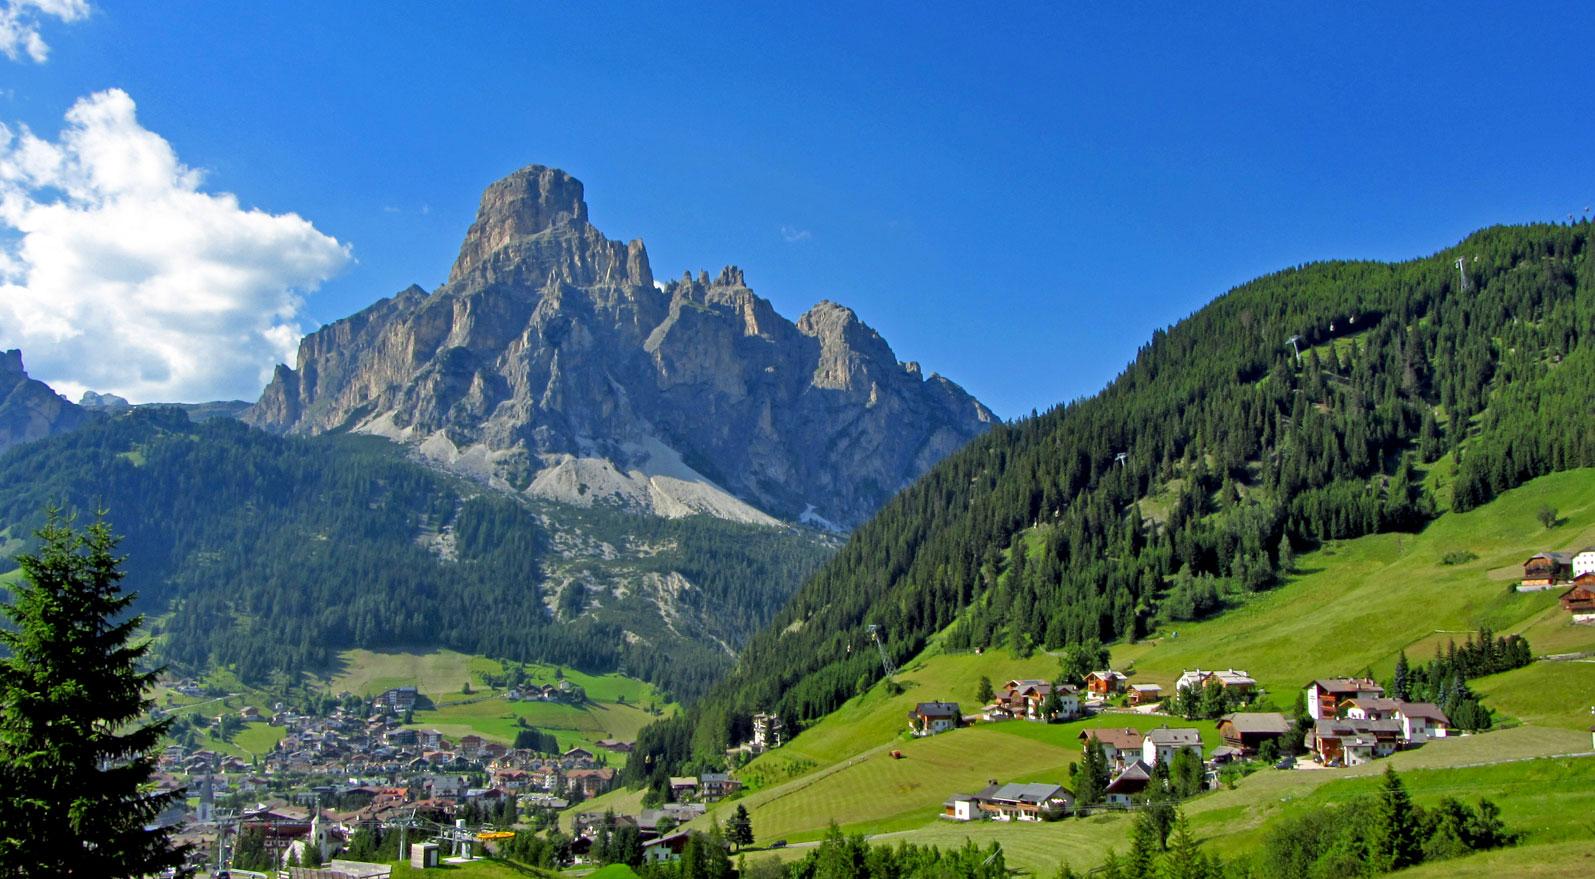 100 bellissime Foto HD della Montagna in Estate